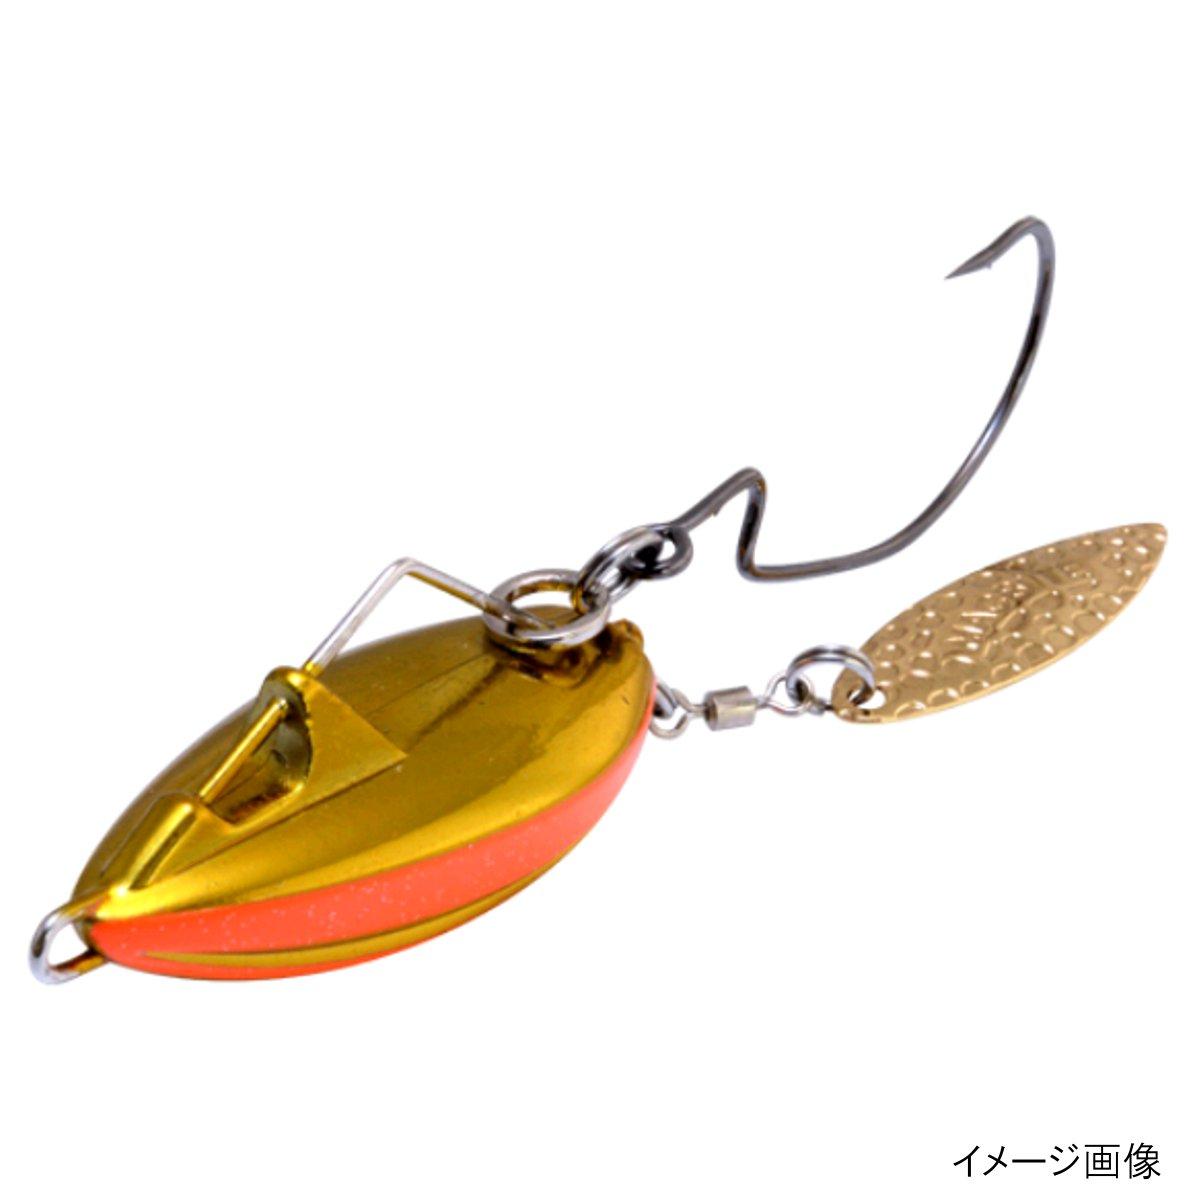 マグバイト バサロHD MBL05 30g 02DG(オレキン)【ゆうパケット】